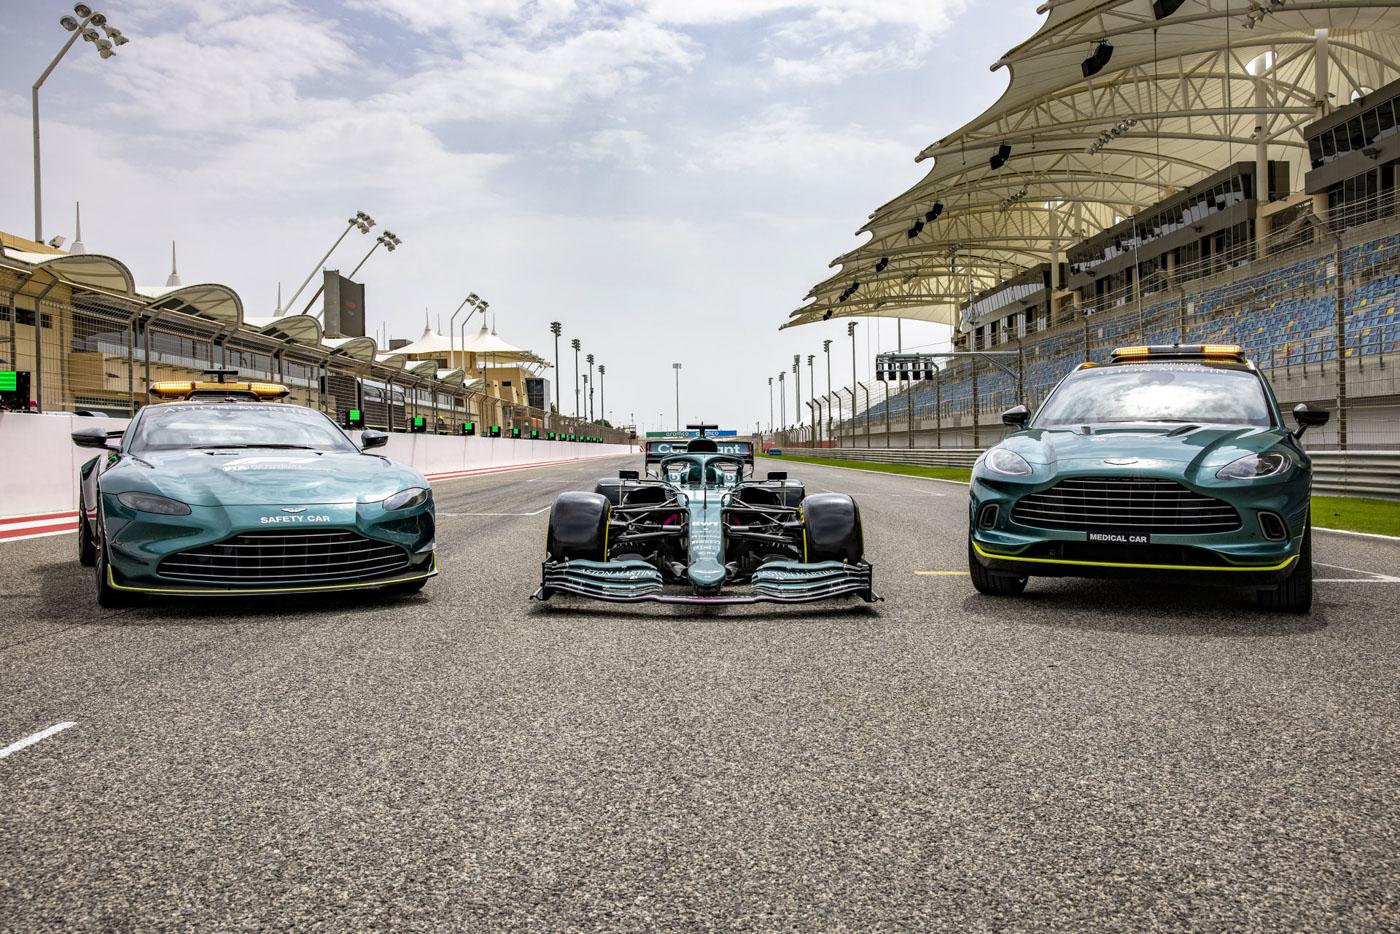 Aston Martin Goodwood (3).JPG